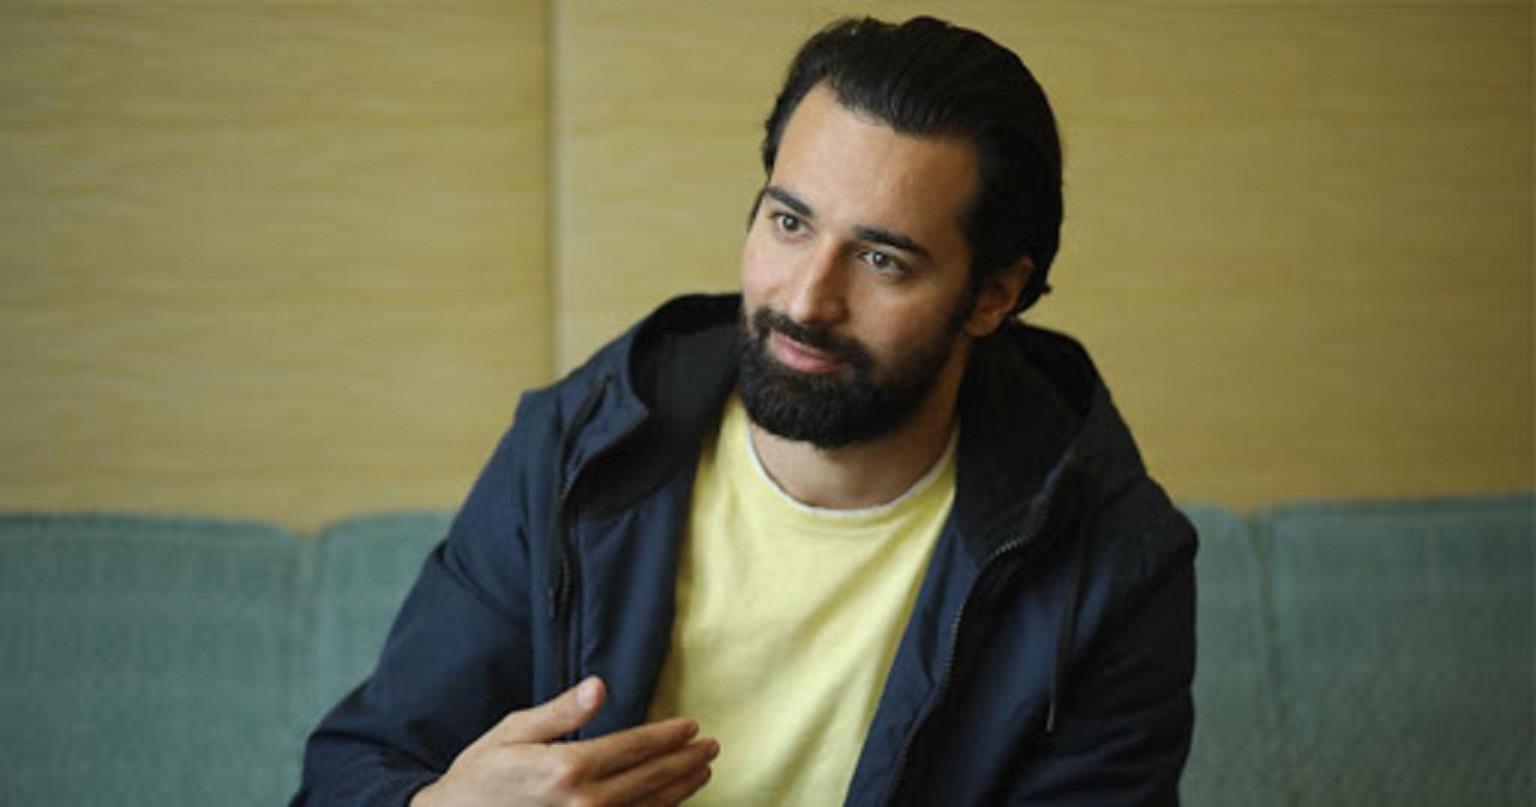 الفنان أحمد حاتم : نقدم عملاً خياليًا بأسلوب واقعي في فيلم الغسالة